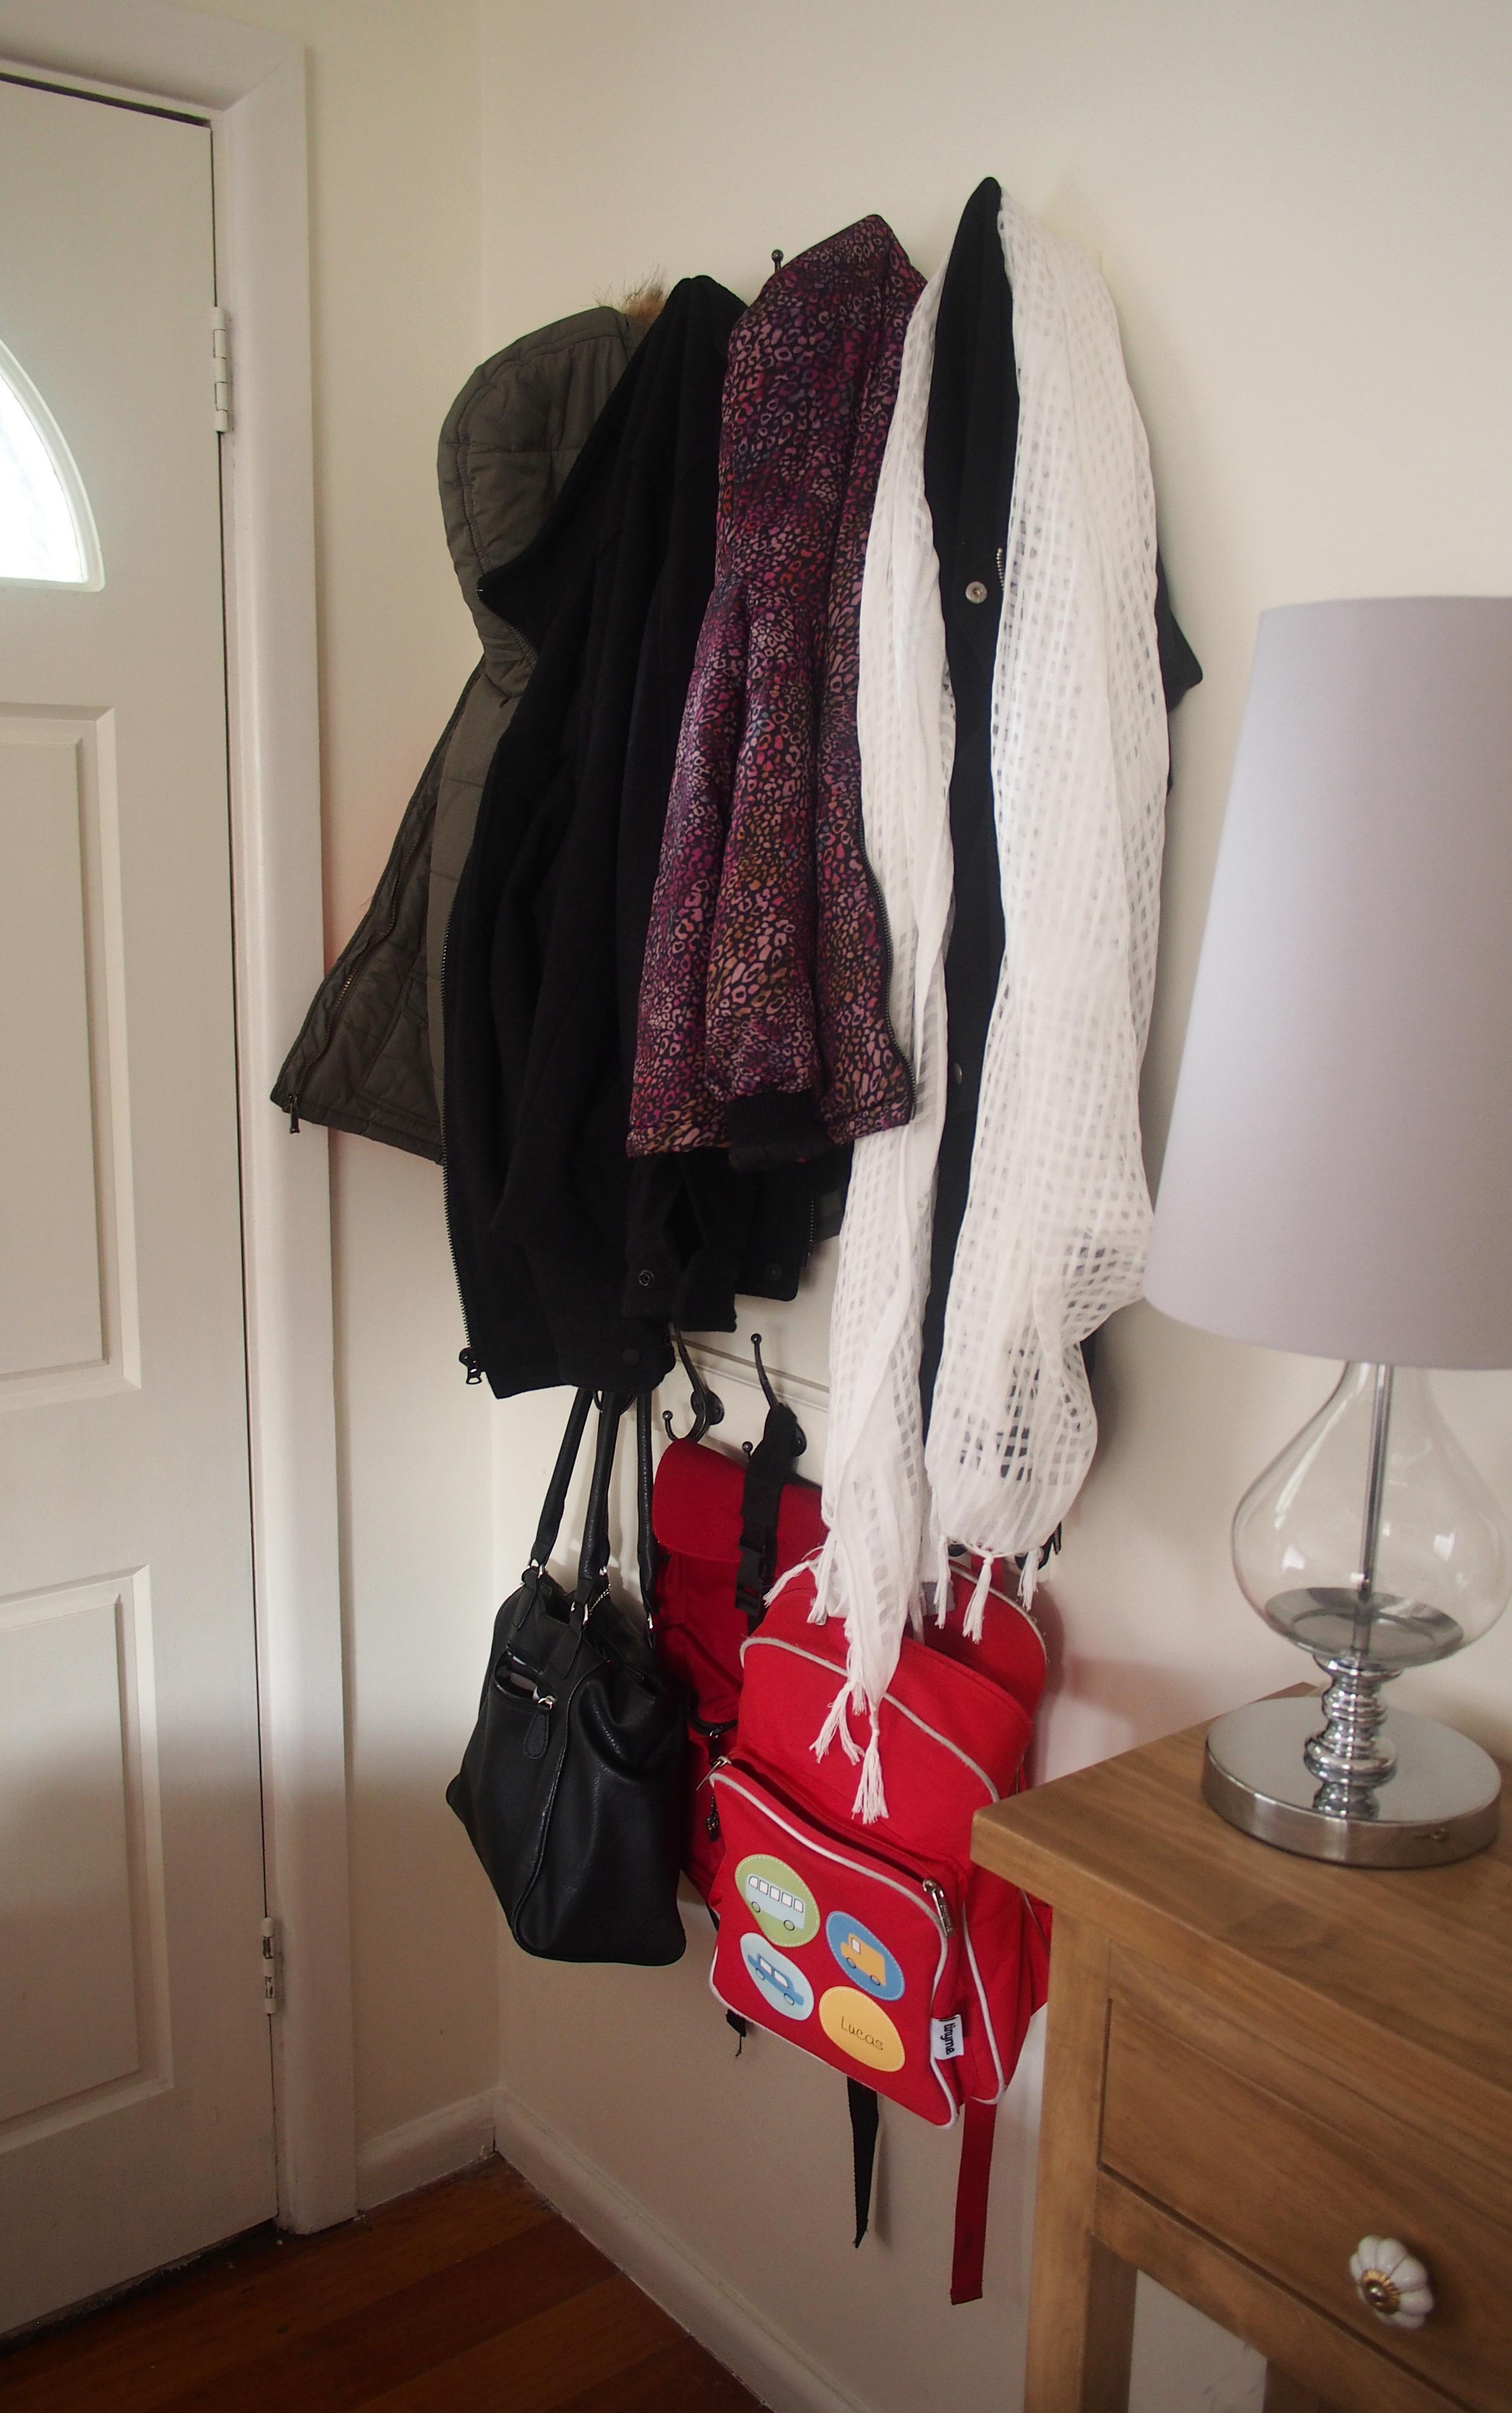 hooks for organising